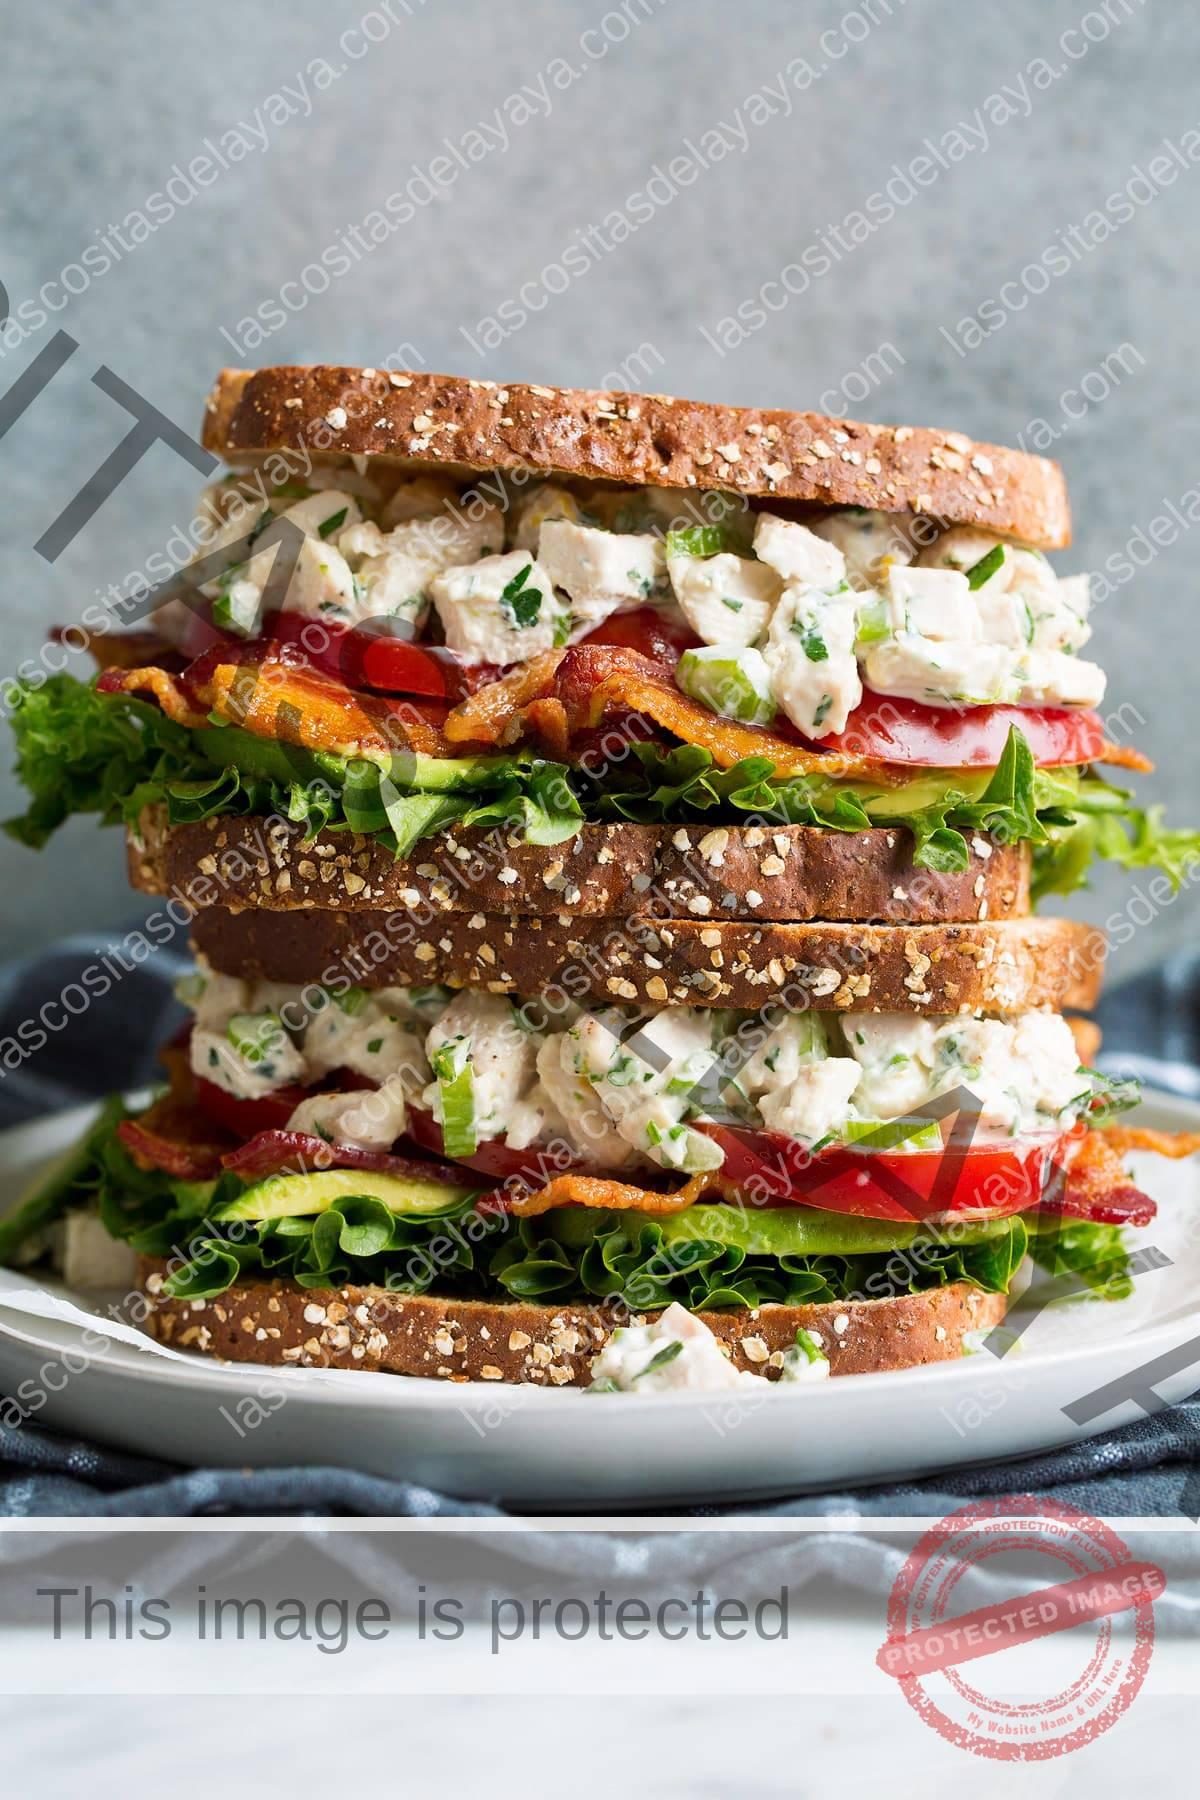 Pila de dos sándwiches de ensalada de pollo en un plato blanco sobre un paño gris oscuro.